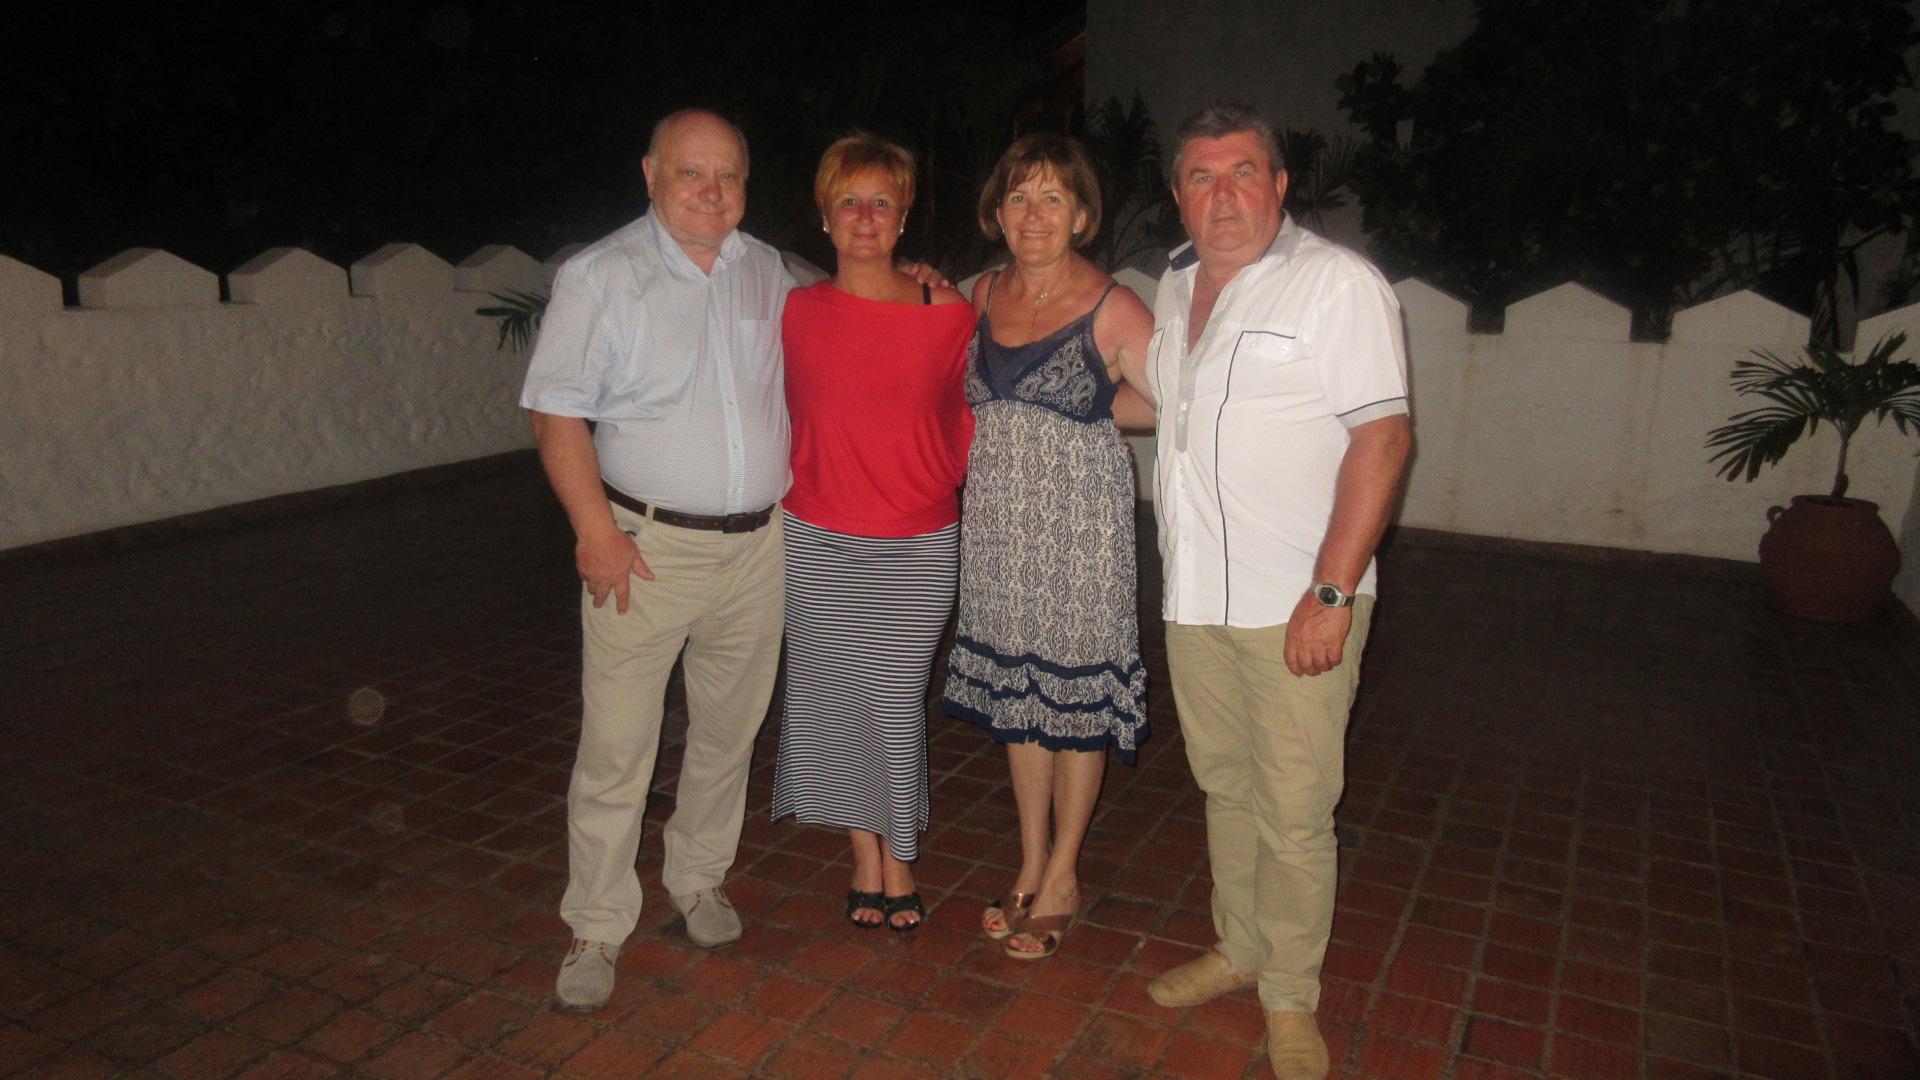 A példaképekkel egy kenyai jutalomúton: Lőrincz János, Czentlaki Beatrix, Lőrincz Marika, Czentlaki Zoltán